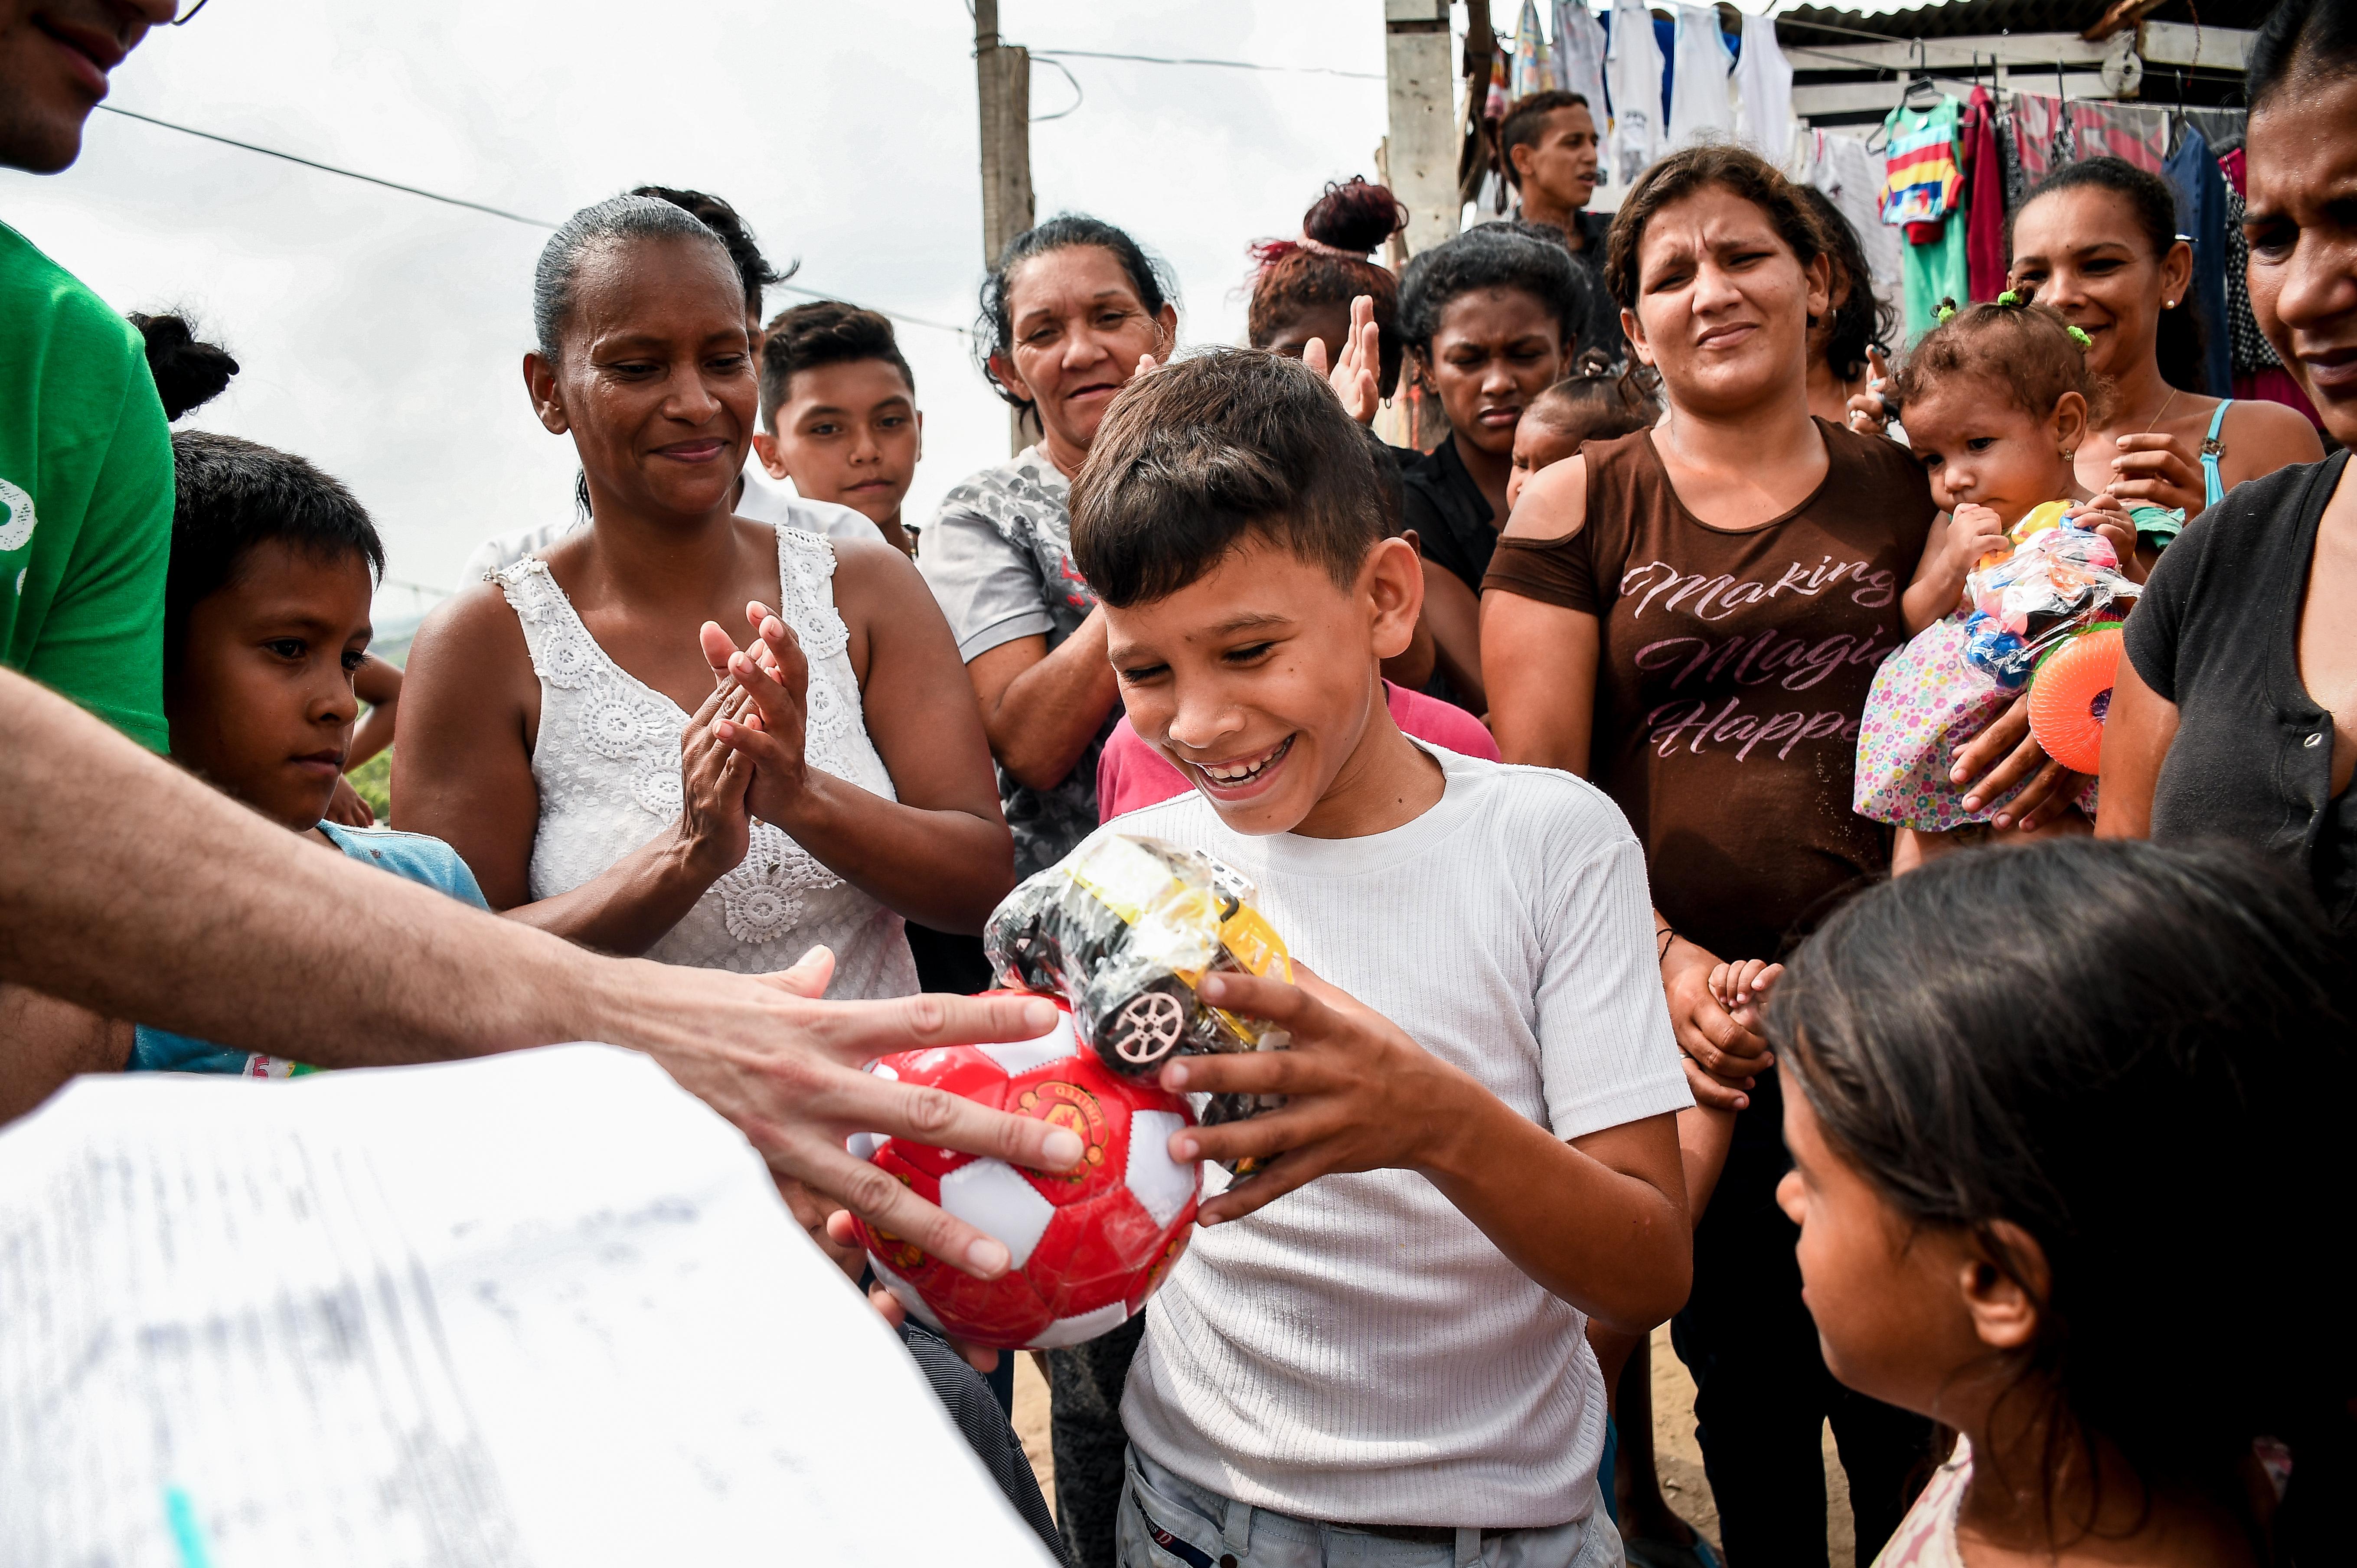 Uno de los niños recibe, con una sonrisa, un balón de fútbol y otros juguetes para la Navidad.